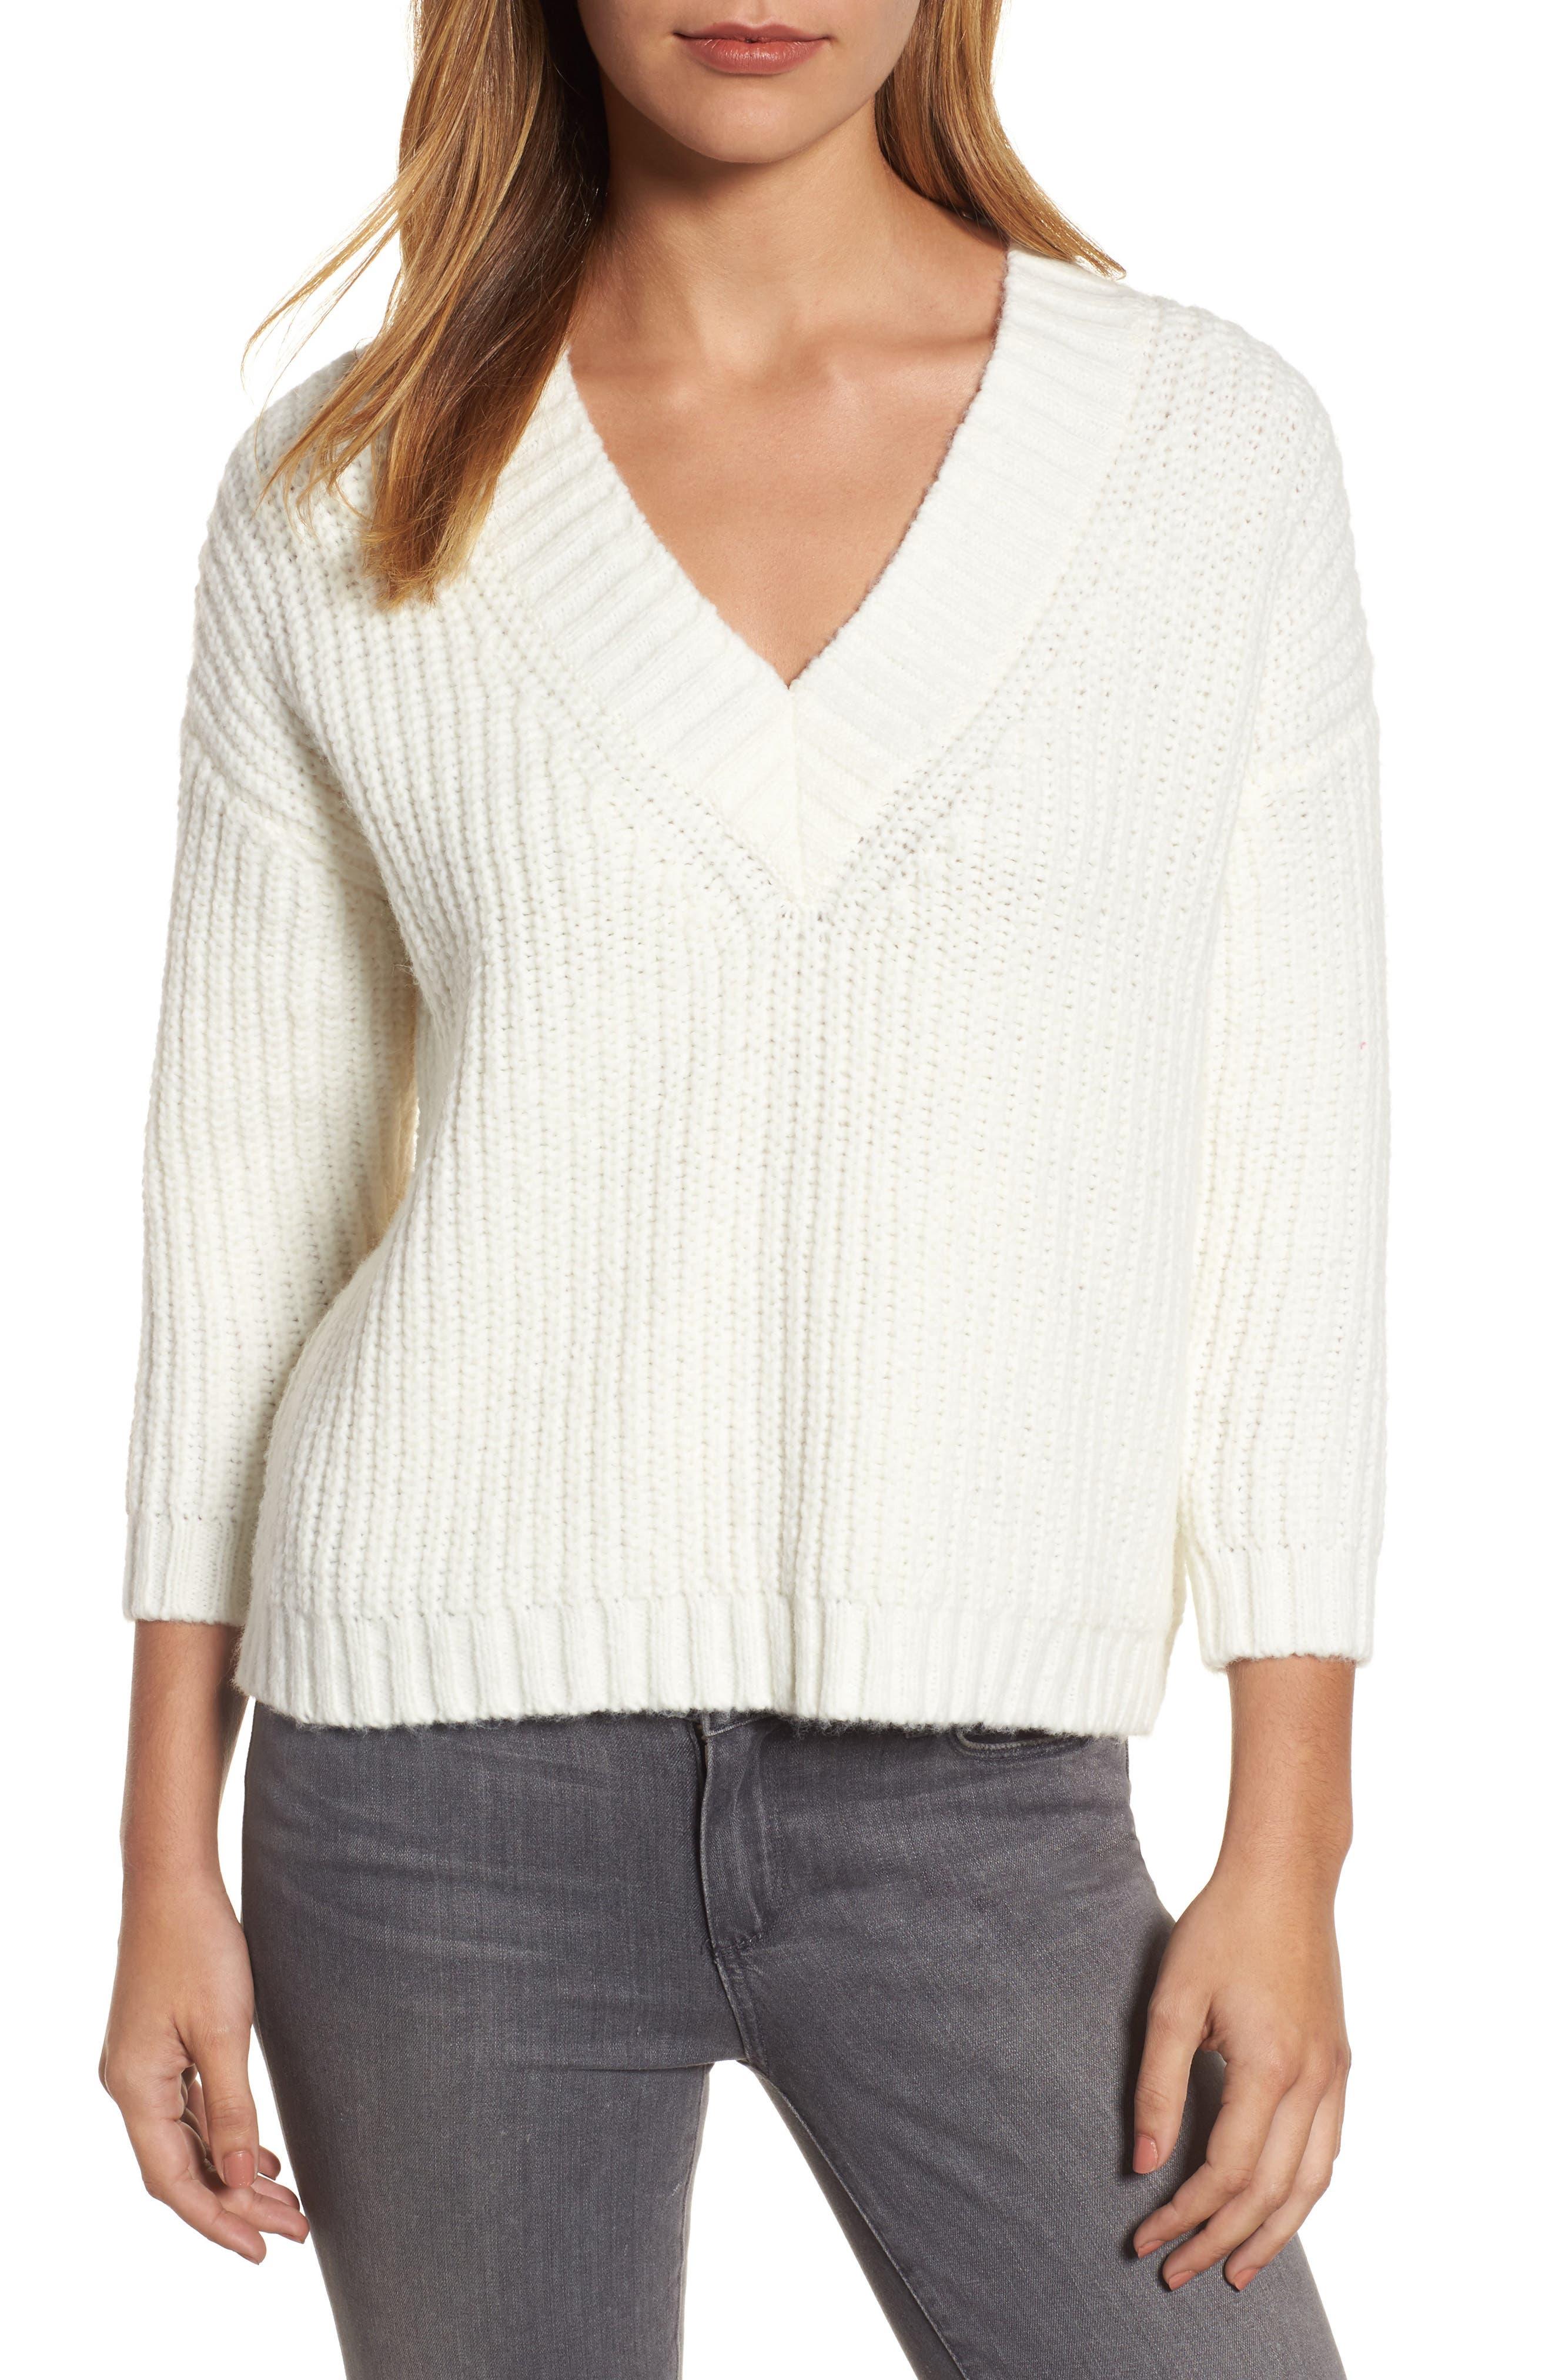 Press Lace Up Back V-Neck Sweater